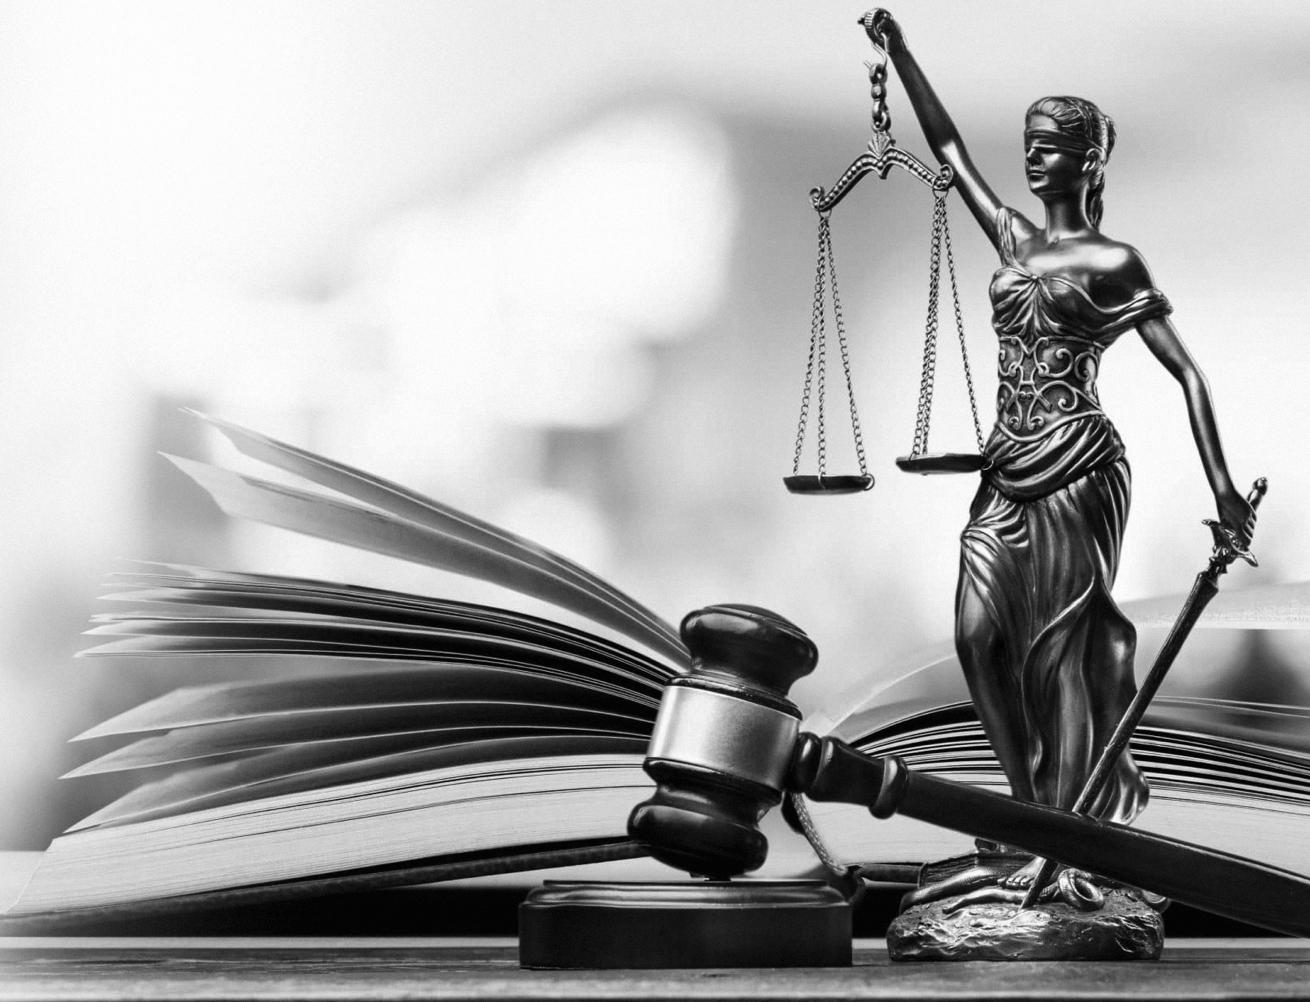 Mirësevini në Gjykatën e Posaçme të Shkallës së Parë për Korrupsionin dhe Krimin e Organizuar